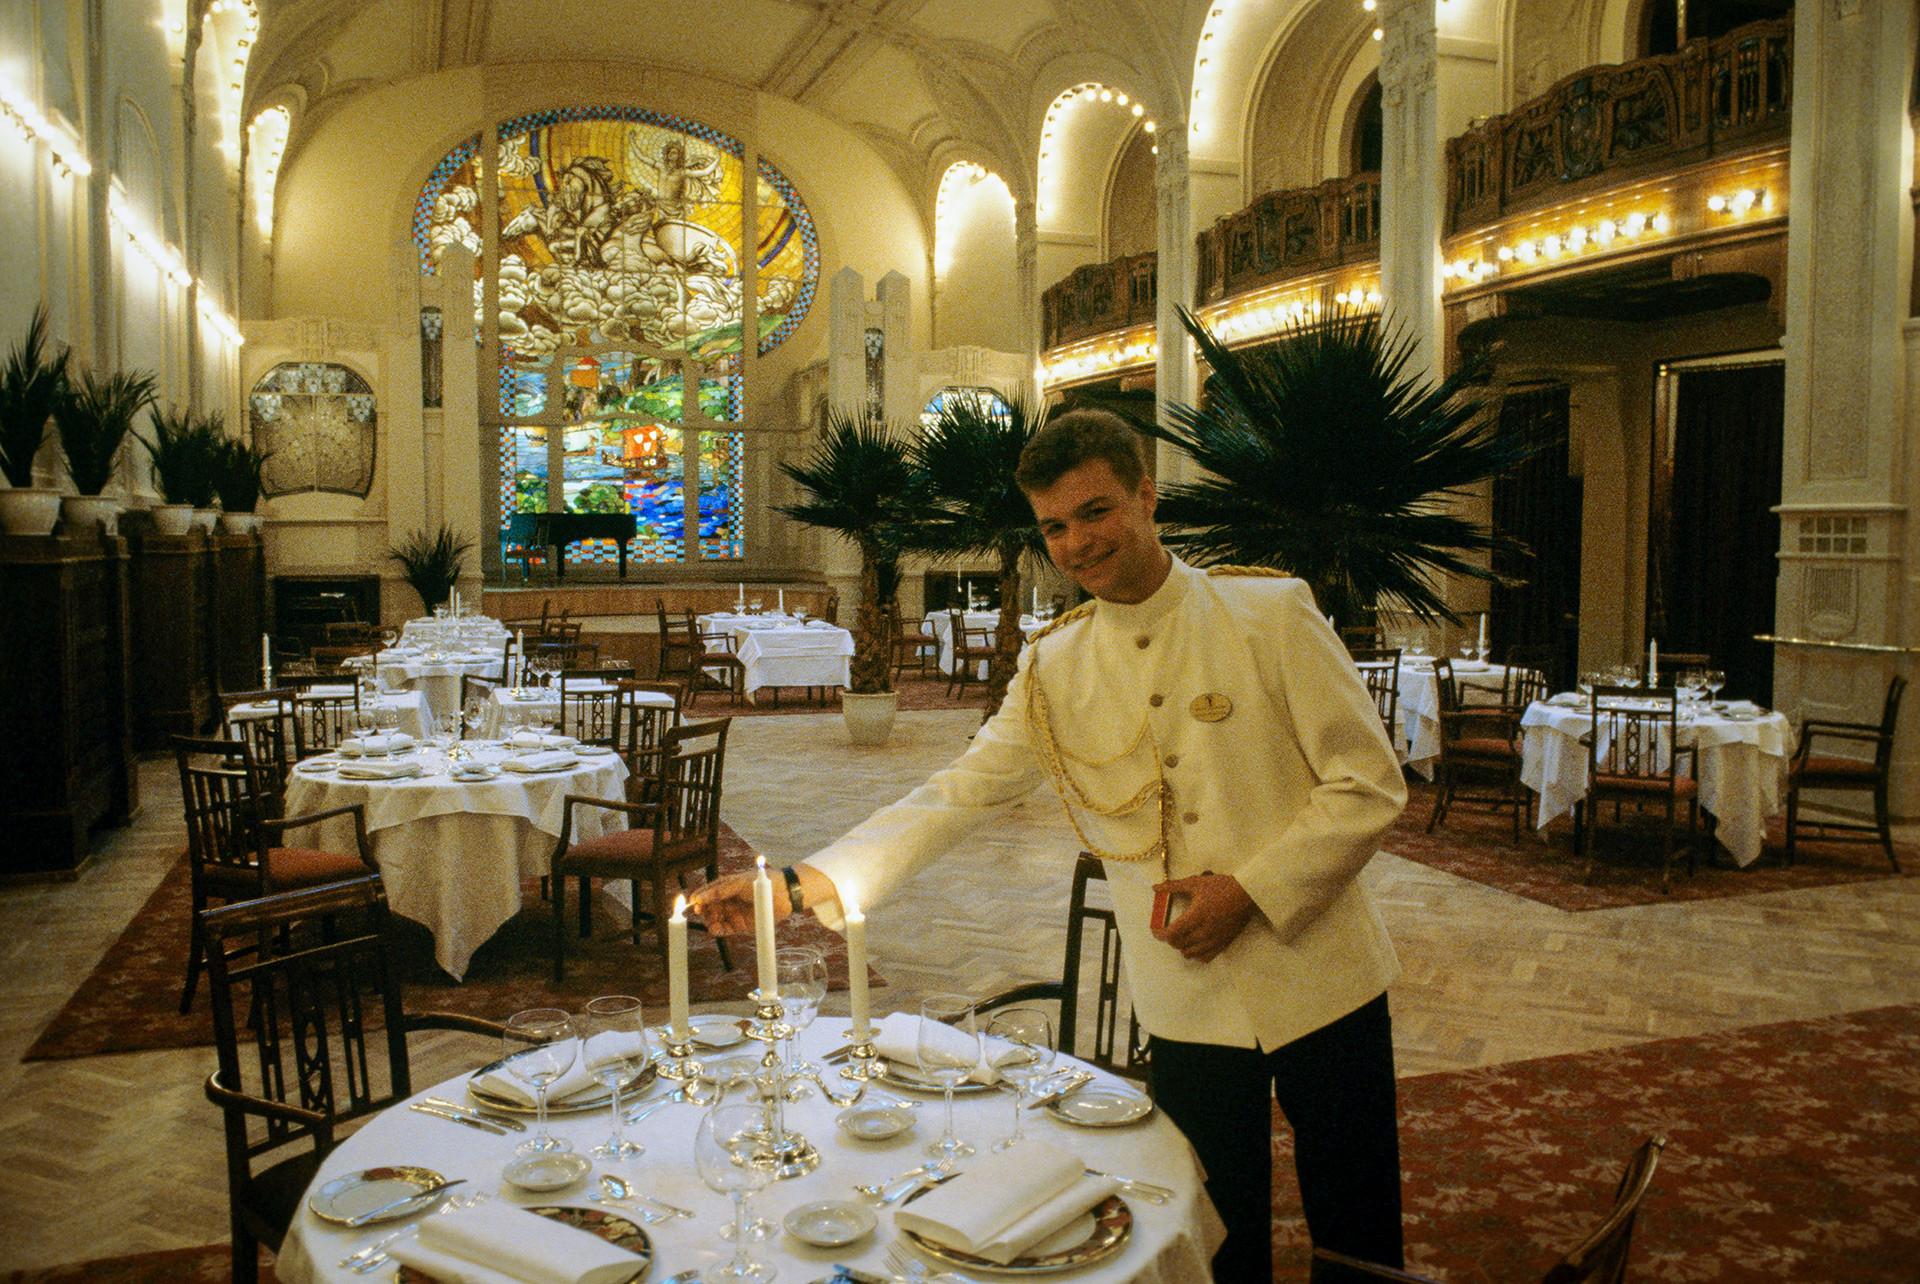 ´Krisha´, el restaurante más exótico de los cuatro locales situados en el Grand Hotel Europa (hotel de cinco estrellas), en lo más alto del hotel.